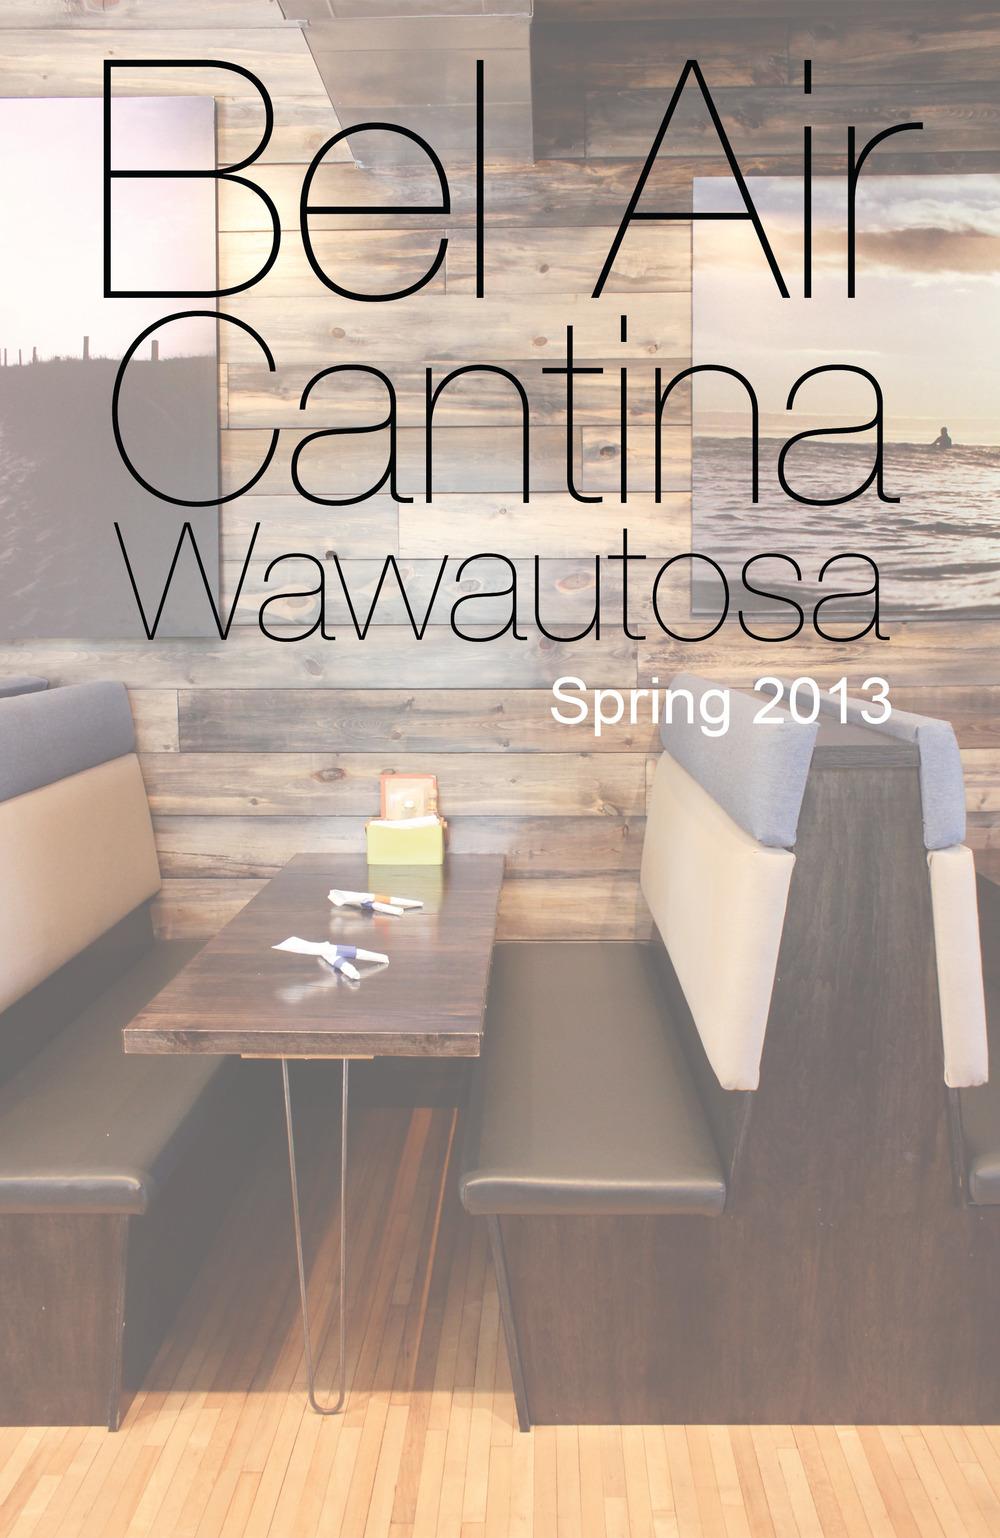 Bel Air Cantina Wawautosa Wilo Design